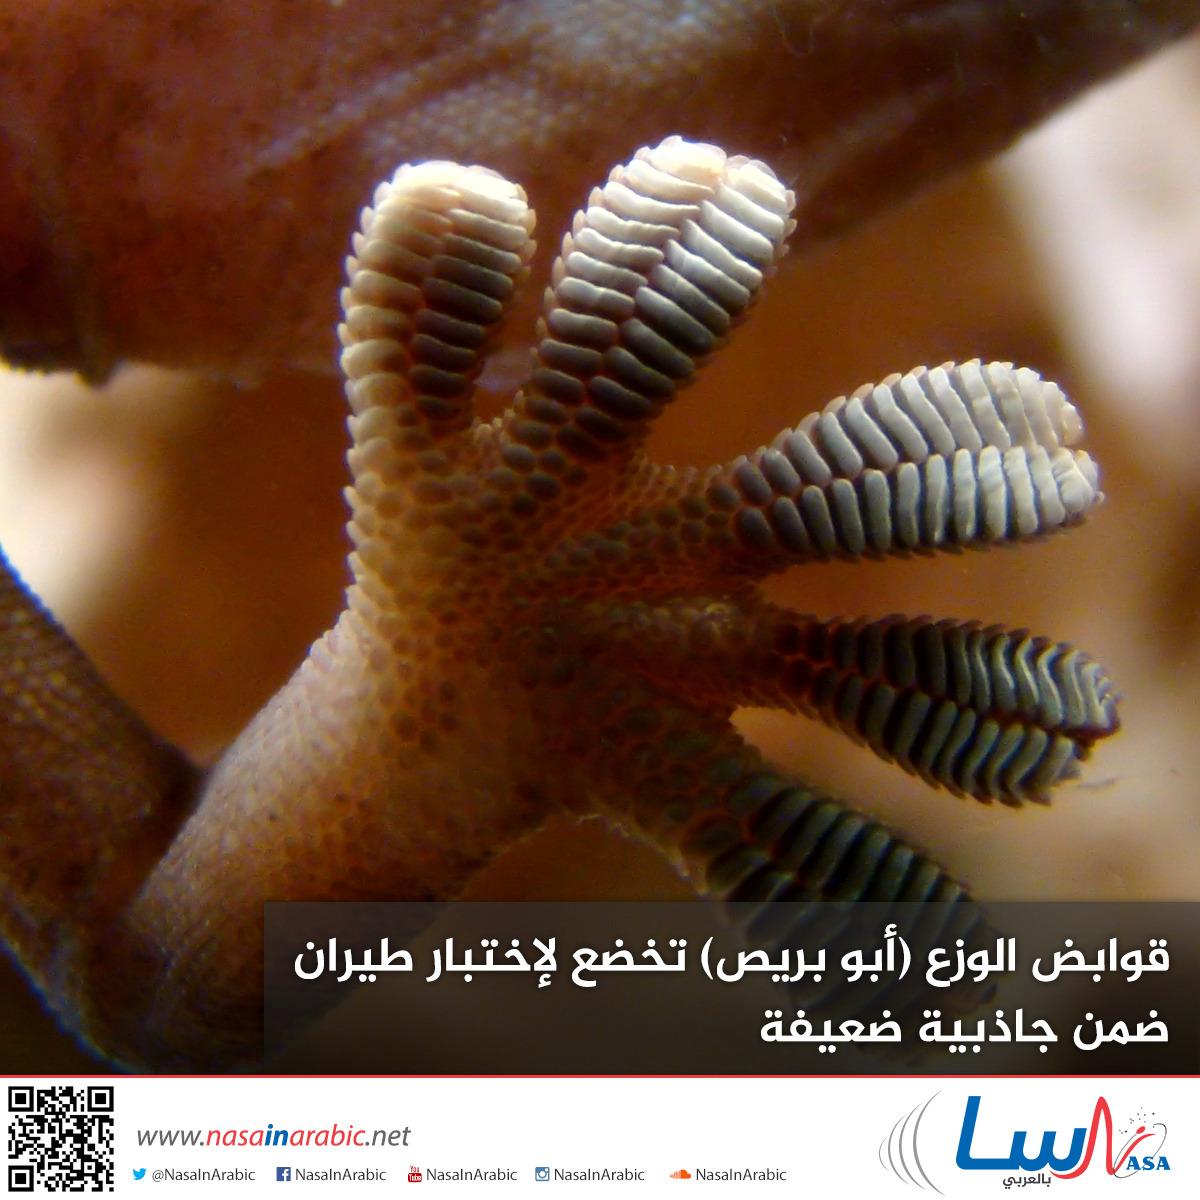 قوابض الوزع (أبو بريص) تخضع لإختبار طيران ضمن جاذبية ضعيفة